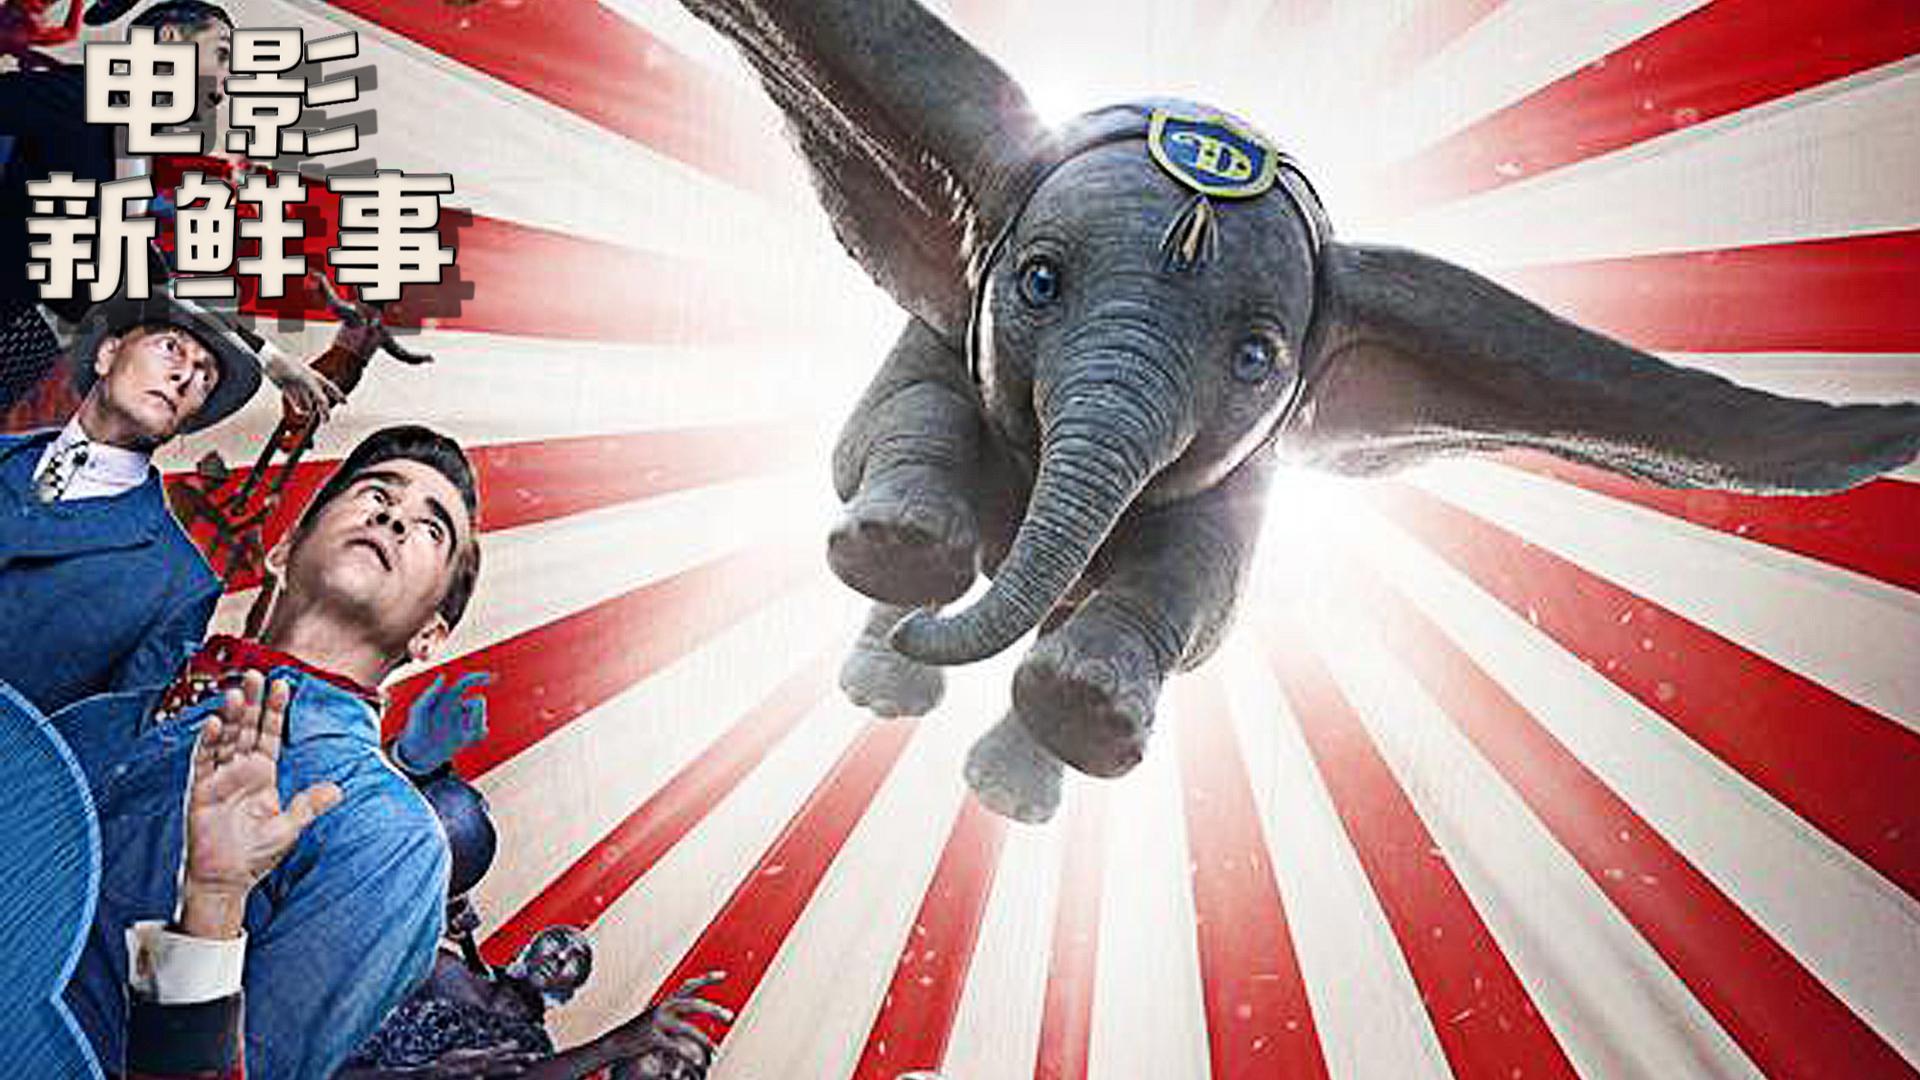 新鲜事:鬼才导演蒂姆伯顿新作定档,改编迪士尼动画《小飞象》